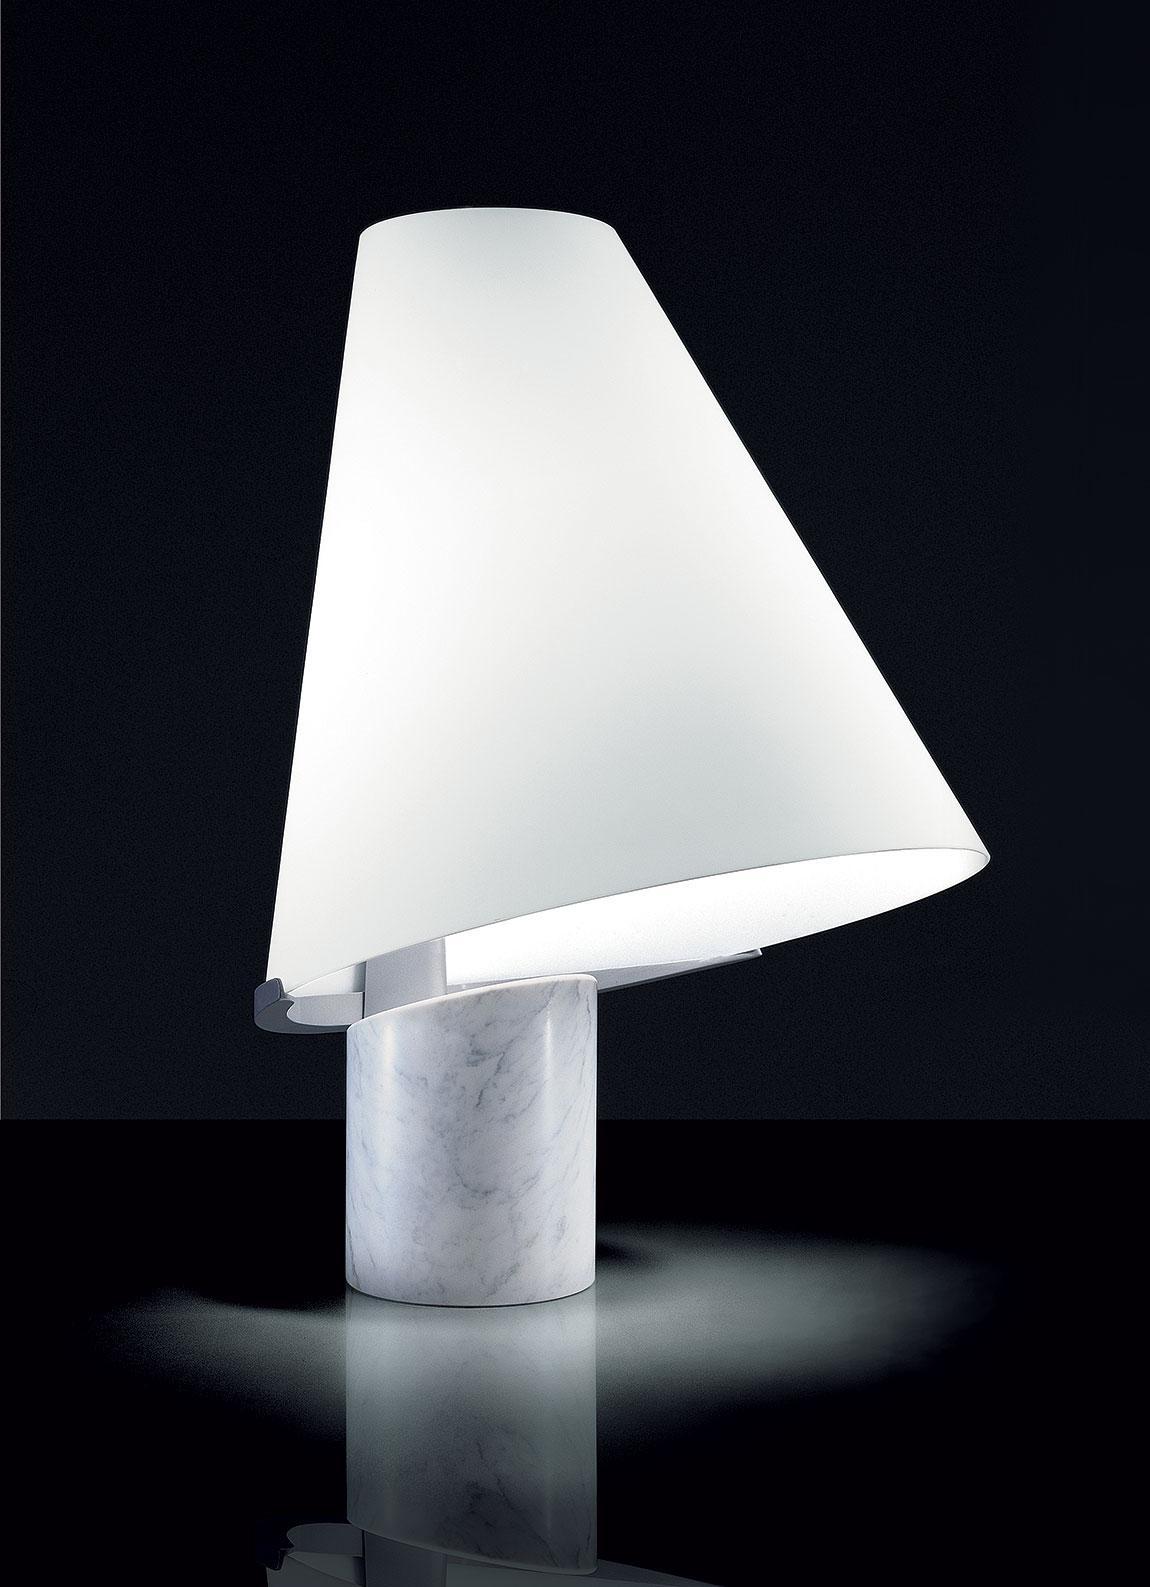 Tante nuove lampade - Italy Dream Design